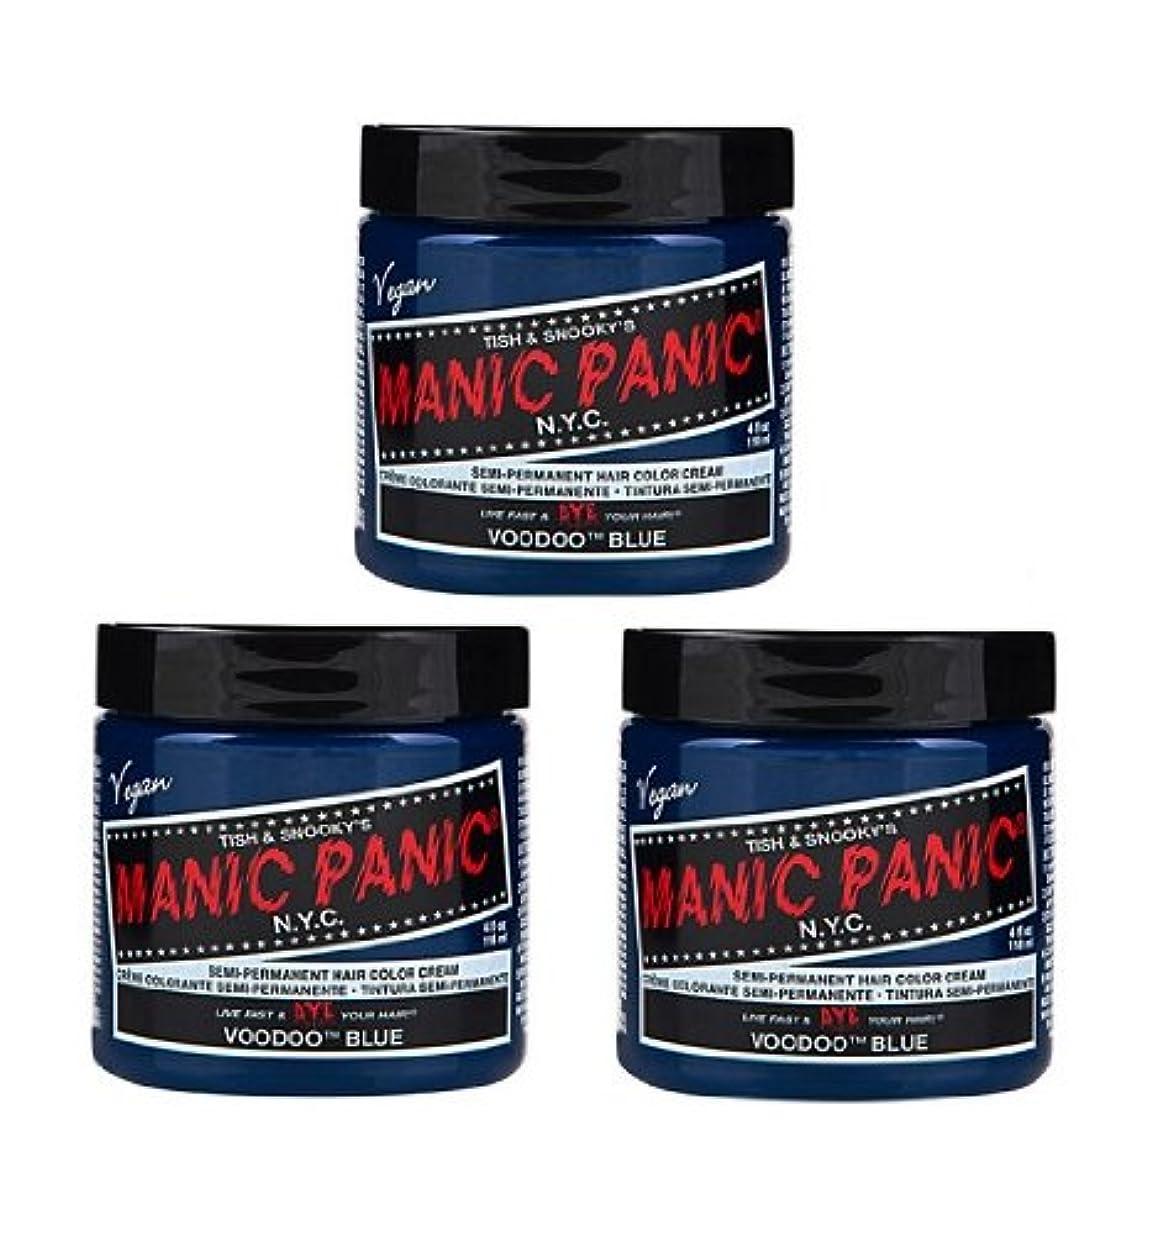 検索エンジンマーケティング懐疑論理解する【3個セット】MANIC PANIC マニックパニック Voodoo Blue ブードゥーブルー 118ml